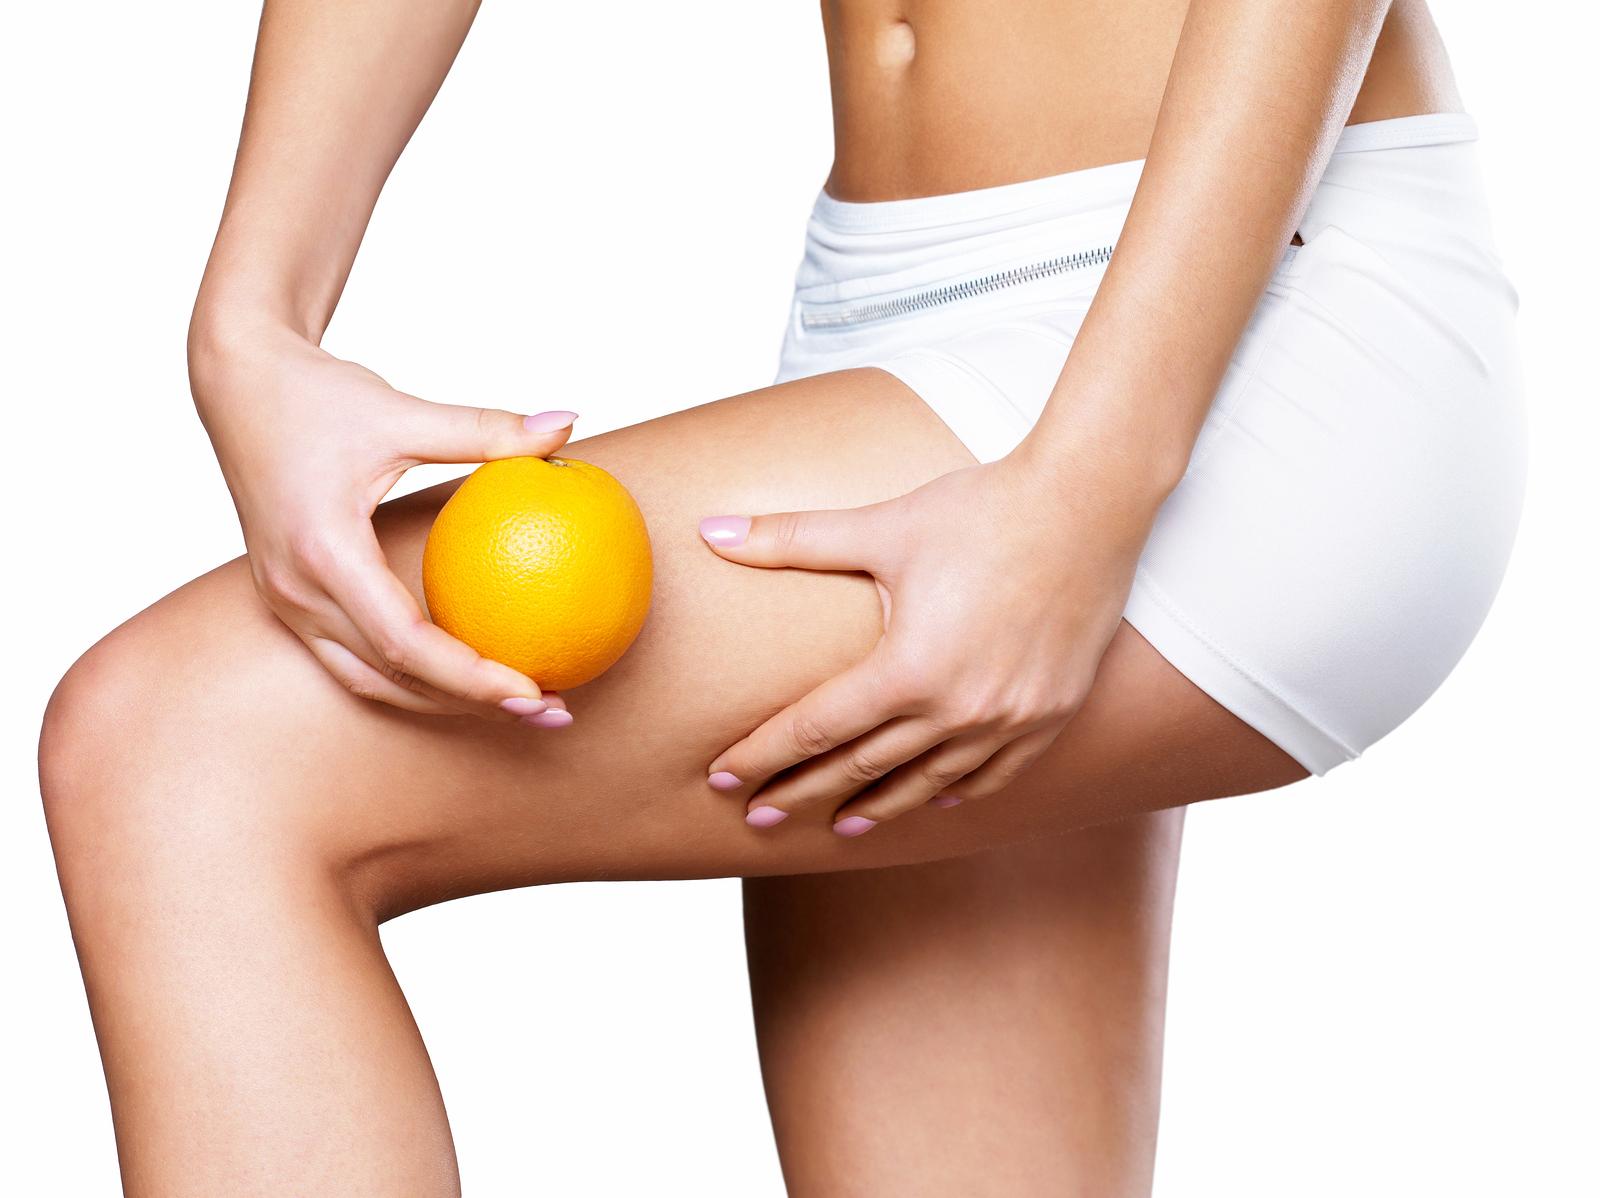 Come sconfiggere la cellulite e gli inestetismi della pelle